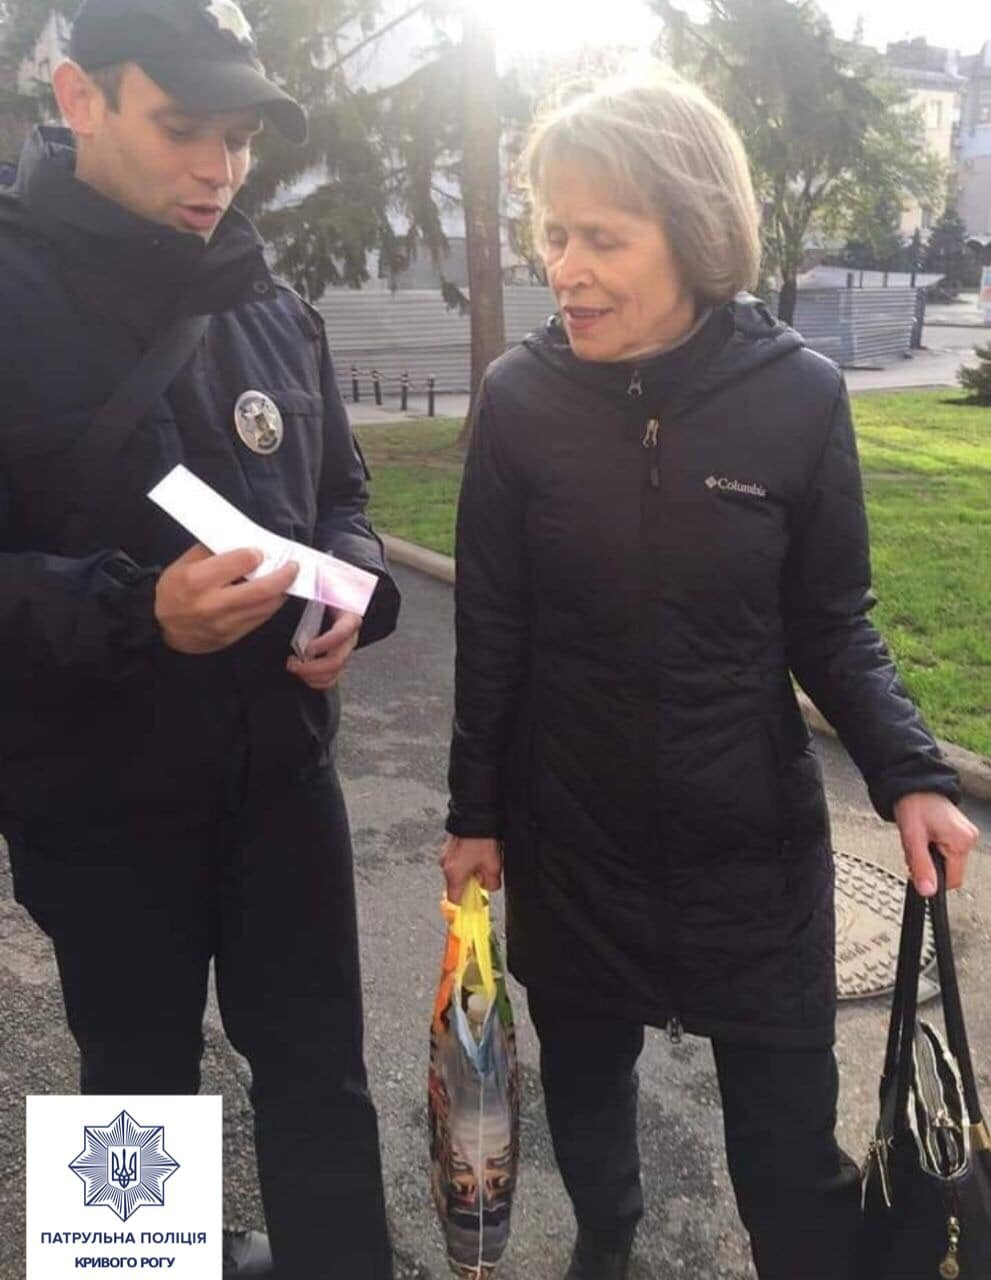 Патрульная полиция Кривого Рога помогает горожанам защититься от домашнего насилия, - ФОТО, фото-8